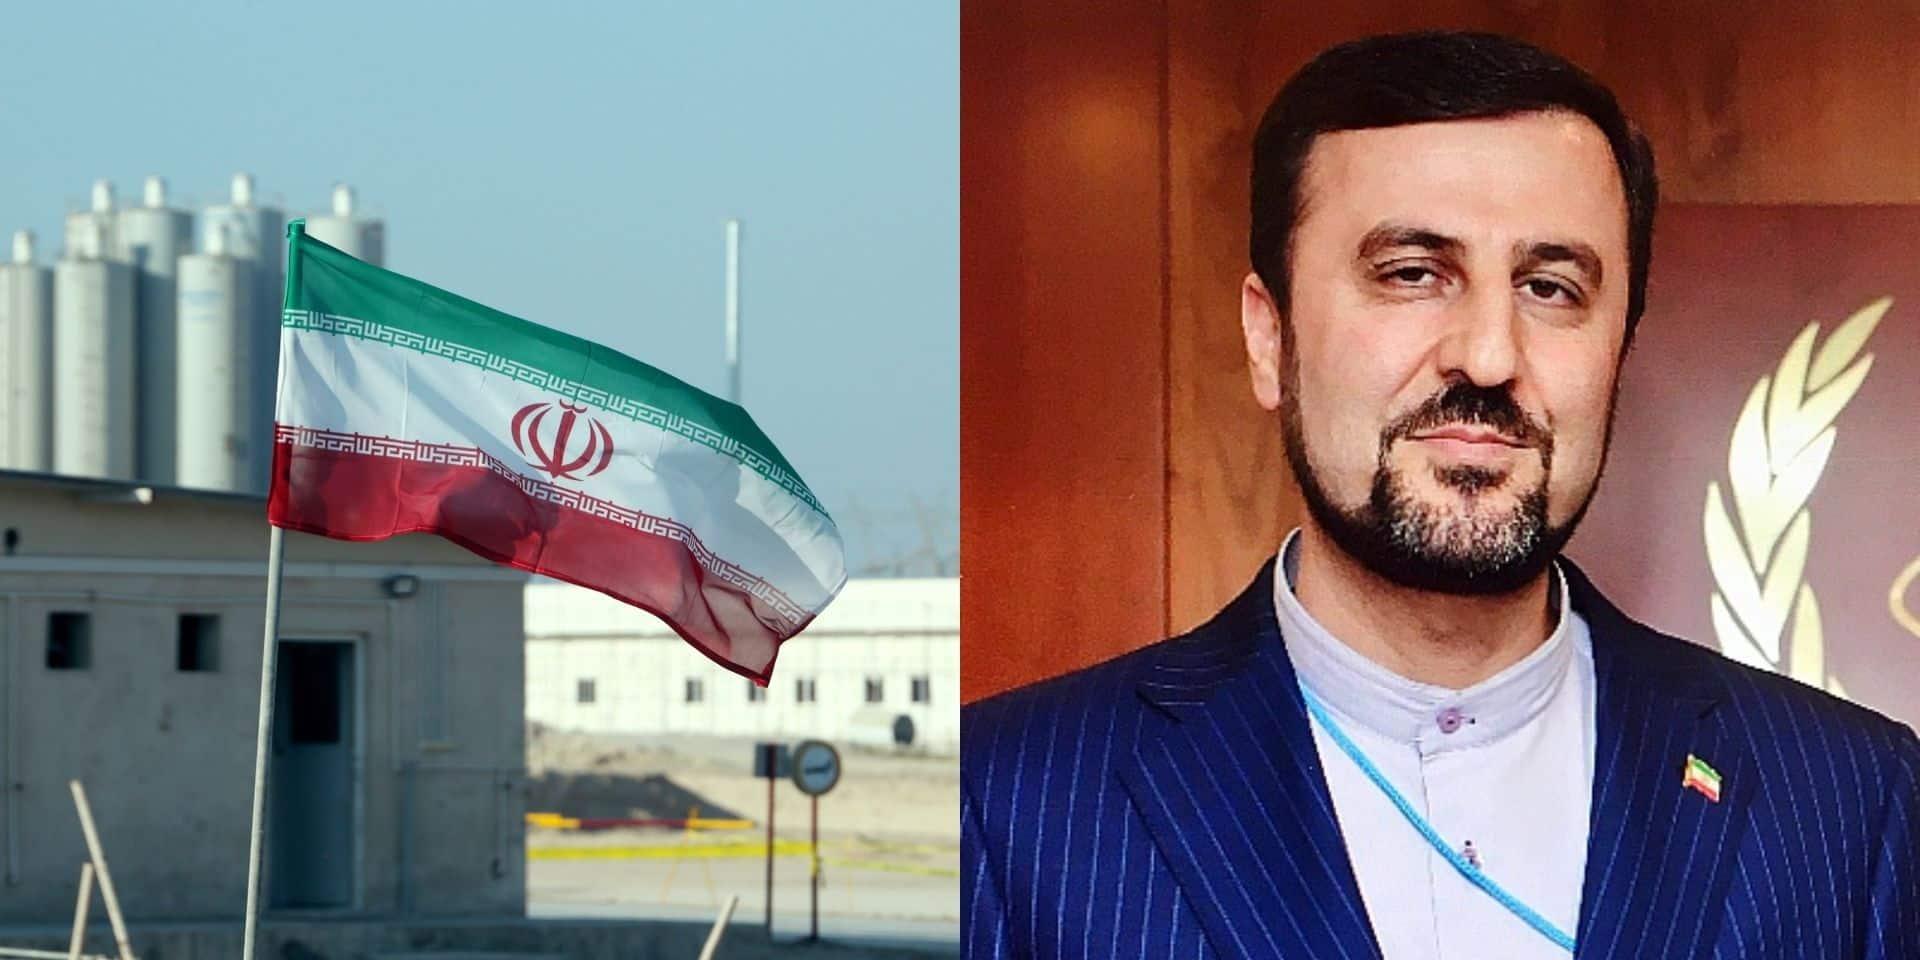 Suspicions qui passent mal, menace implicite: Téhéran et le gendarme nucléaire poursuivent leur bras de fer